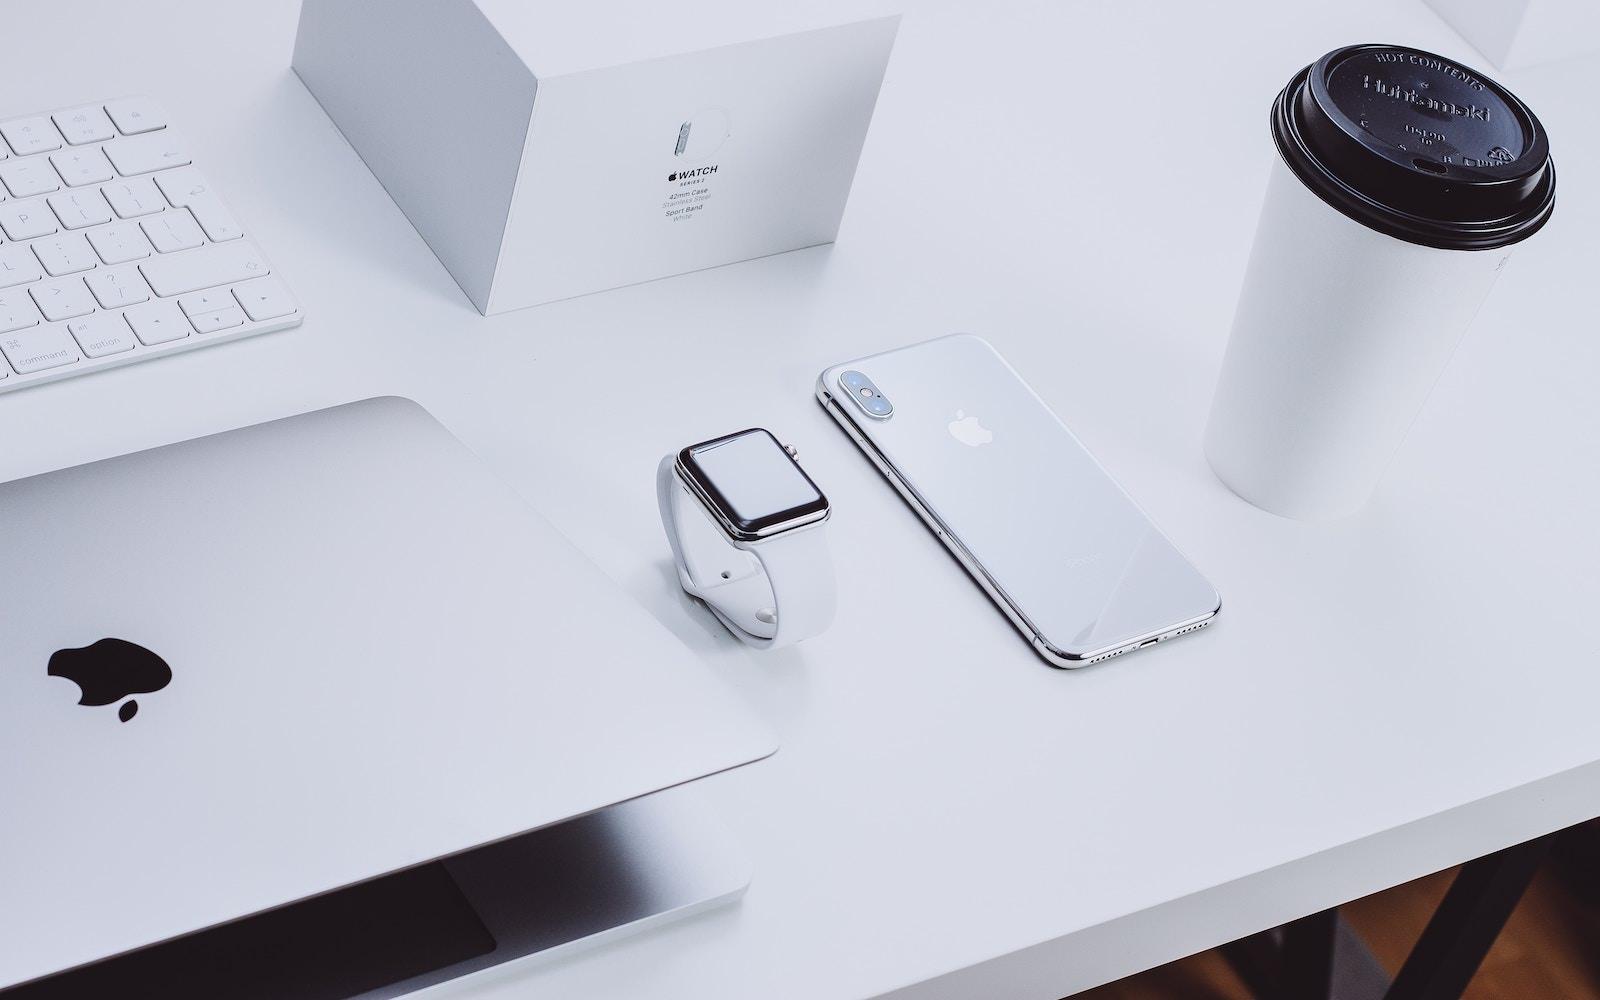 michal-kubalczyk-tdMu8W9NTnY-unsplash-apple-products.jpg